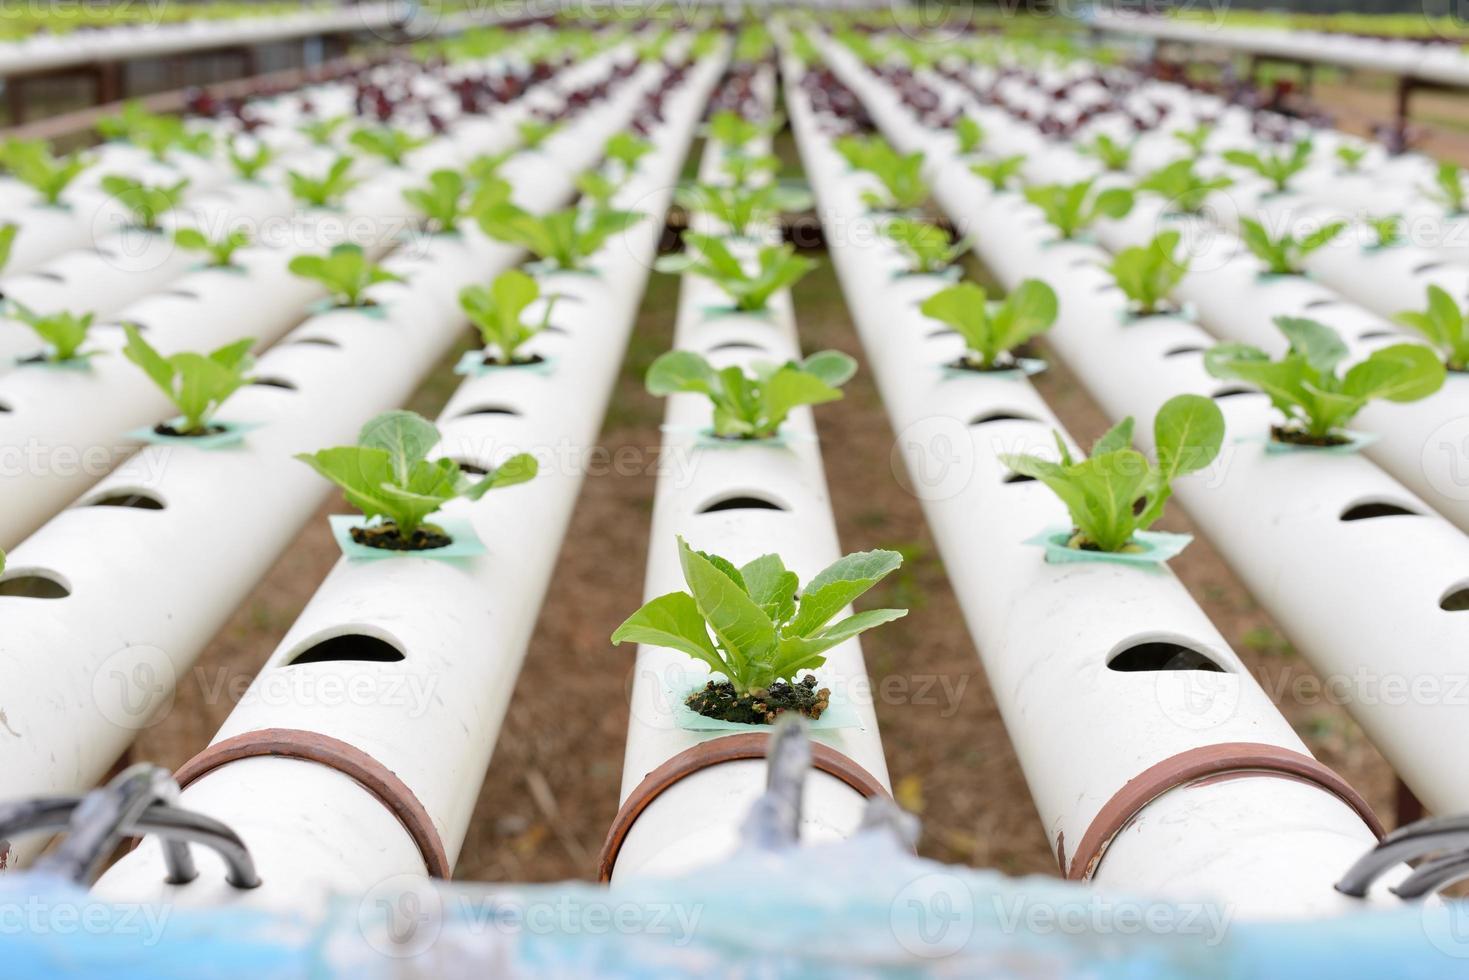 piantagione vegetale idroponica foto